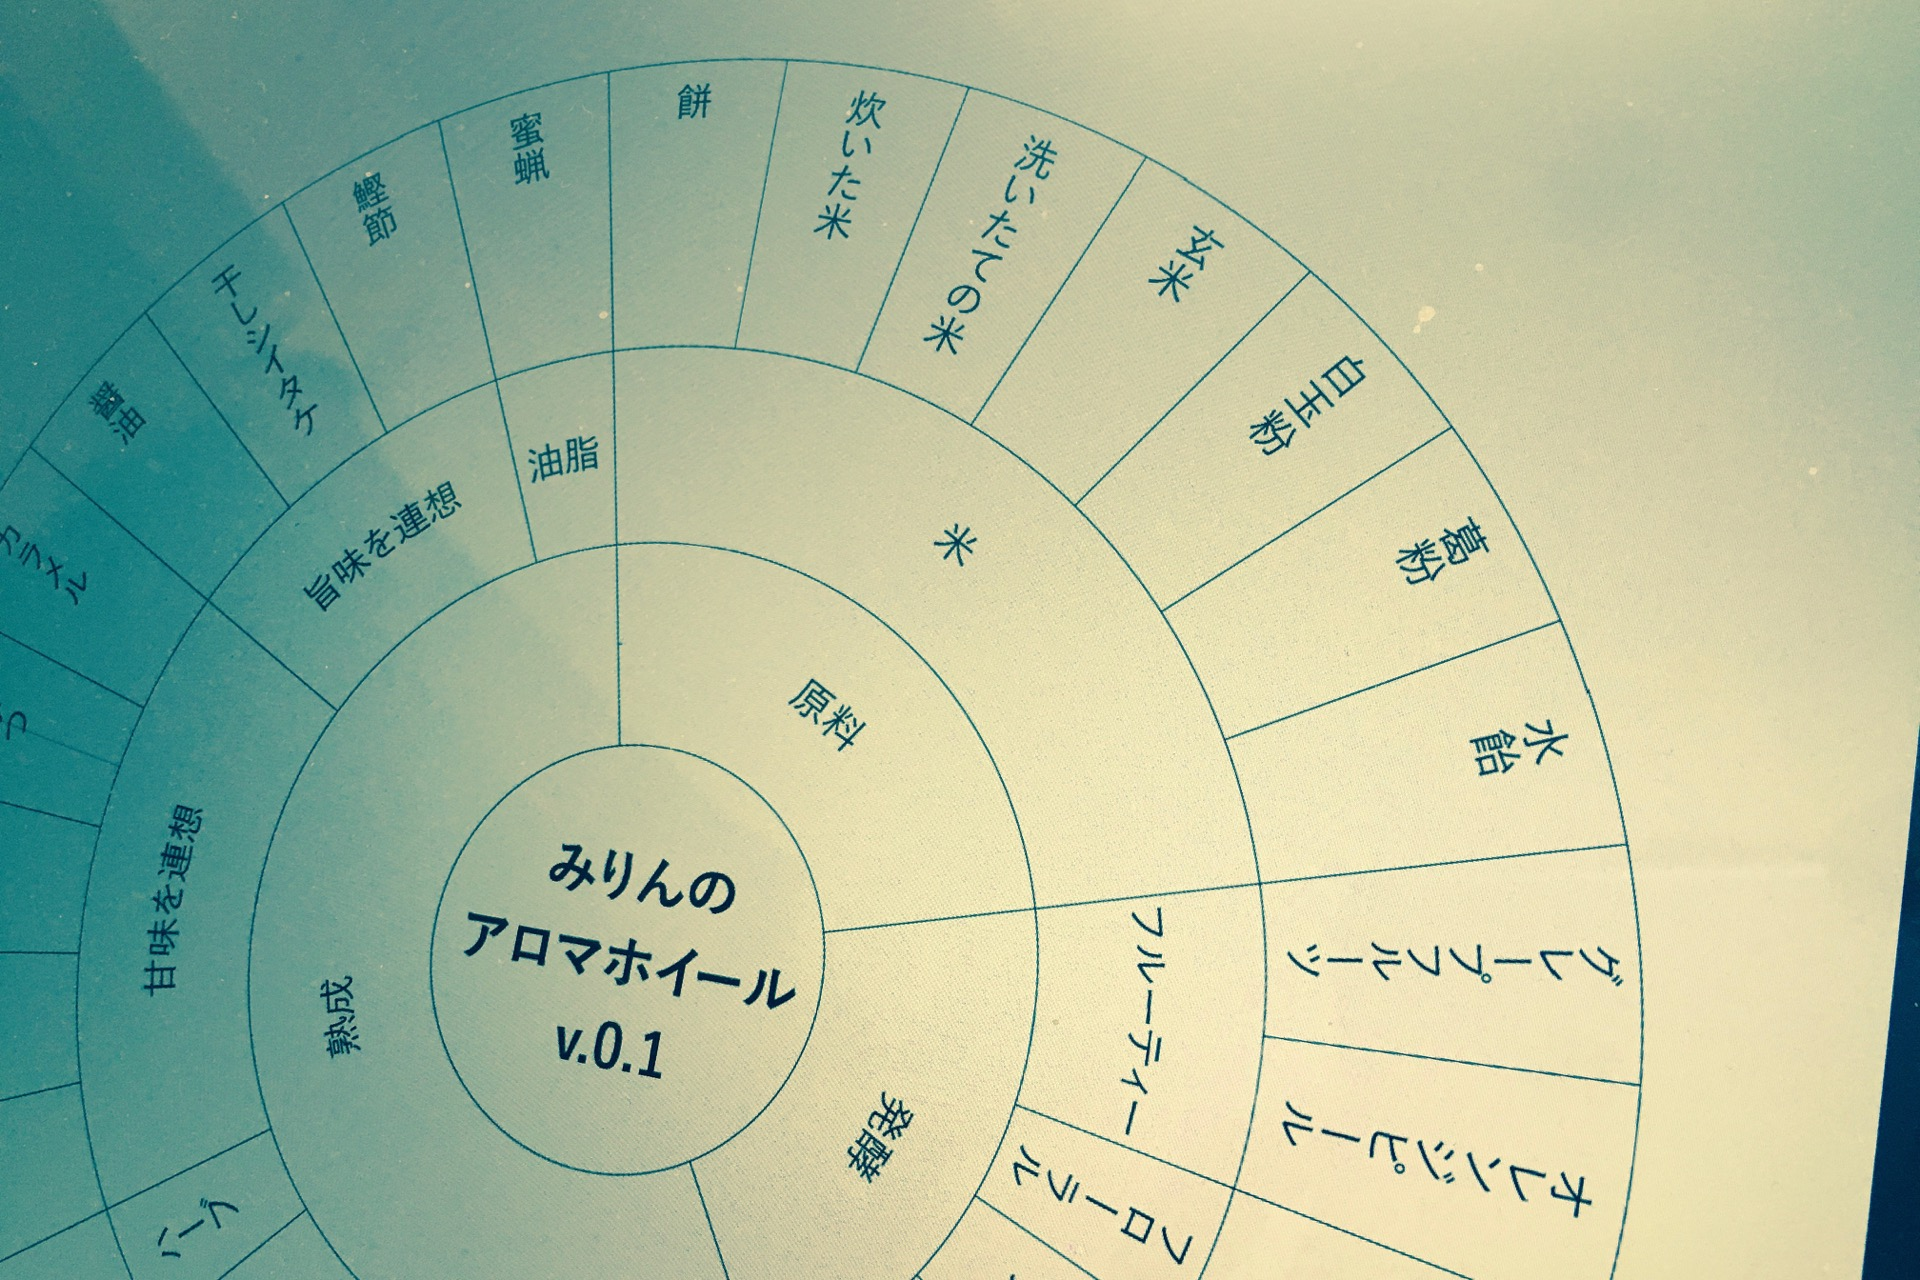 みりんのアロマホイール version 0.1